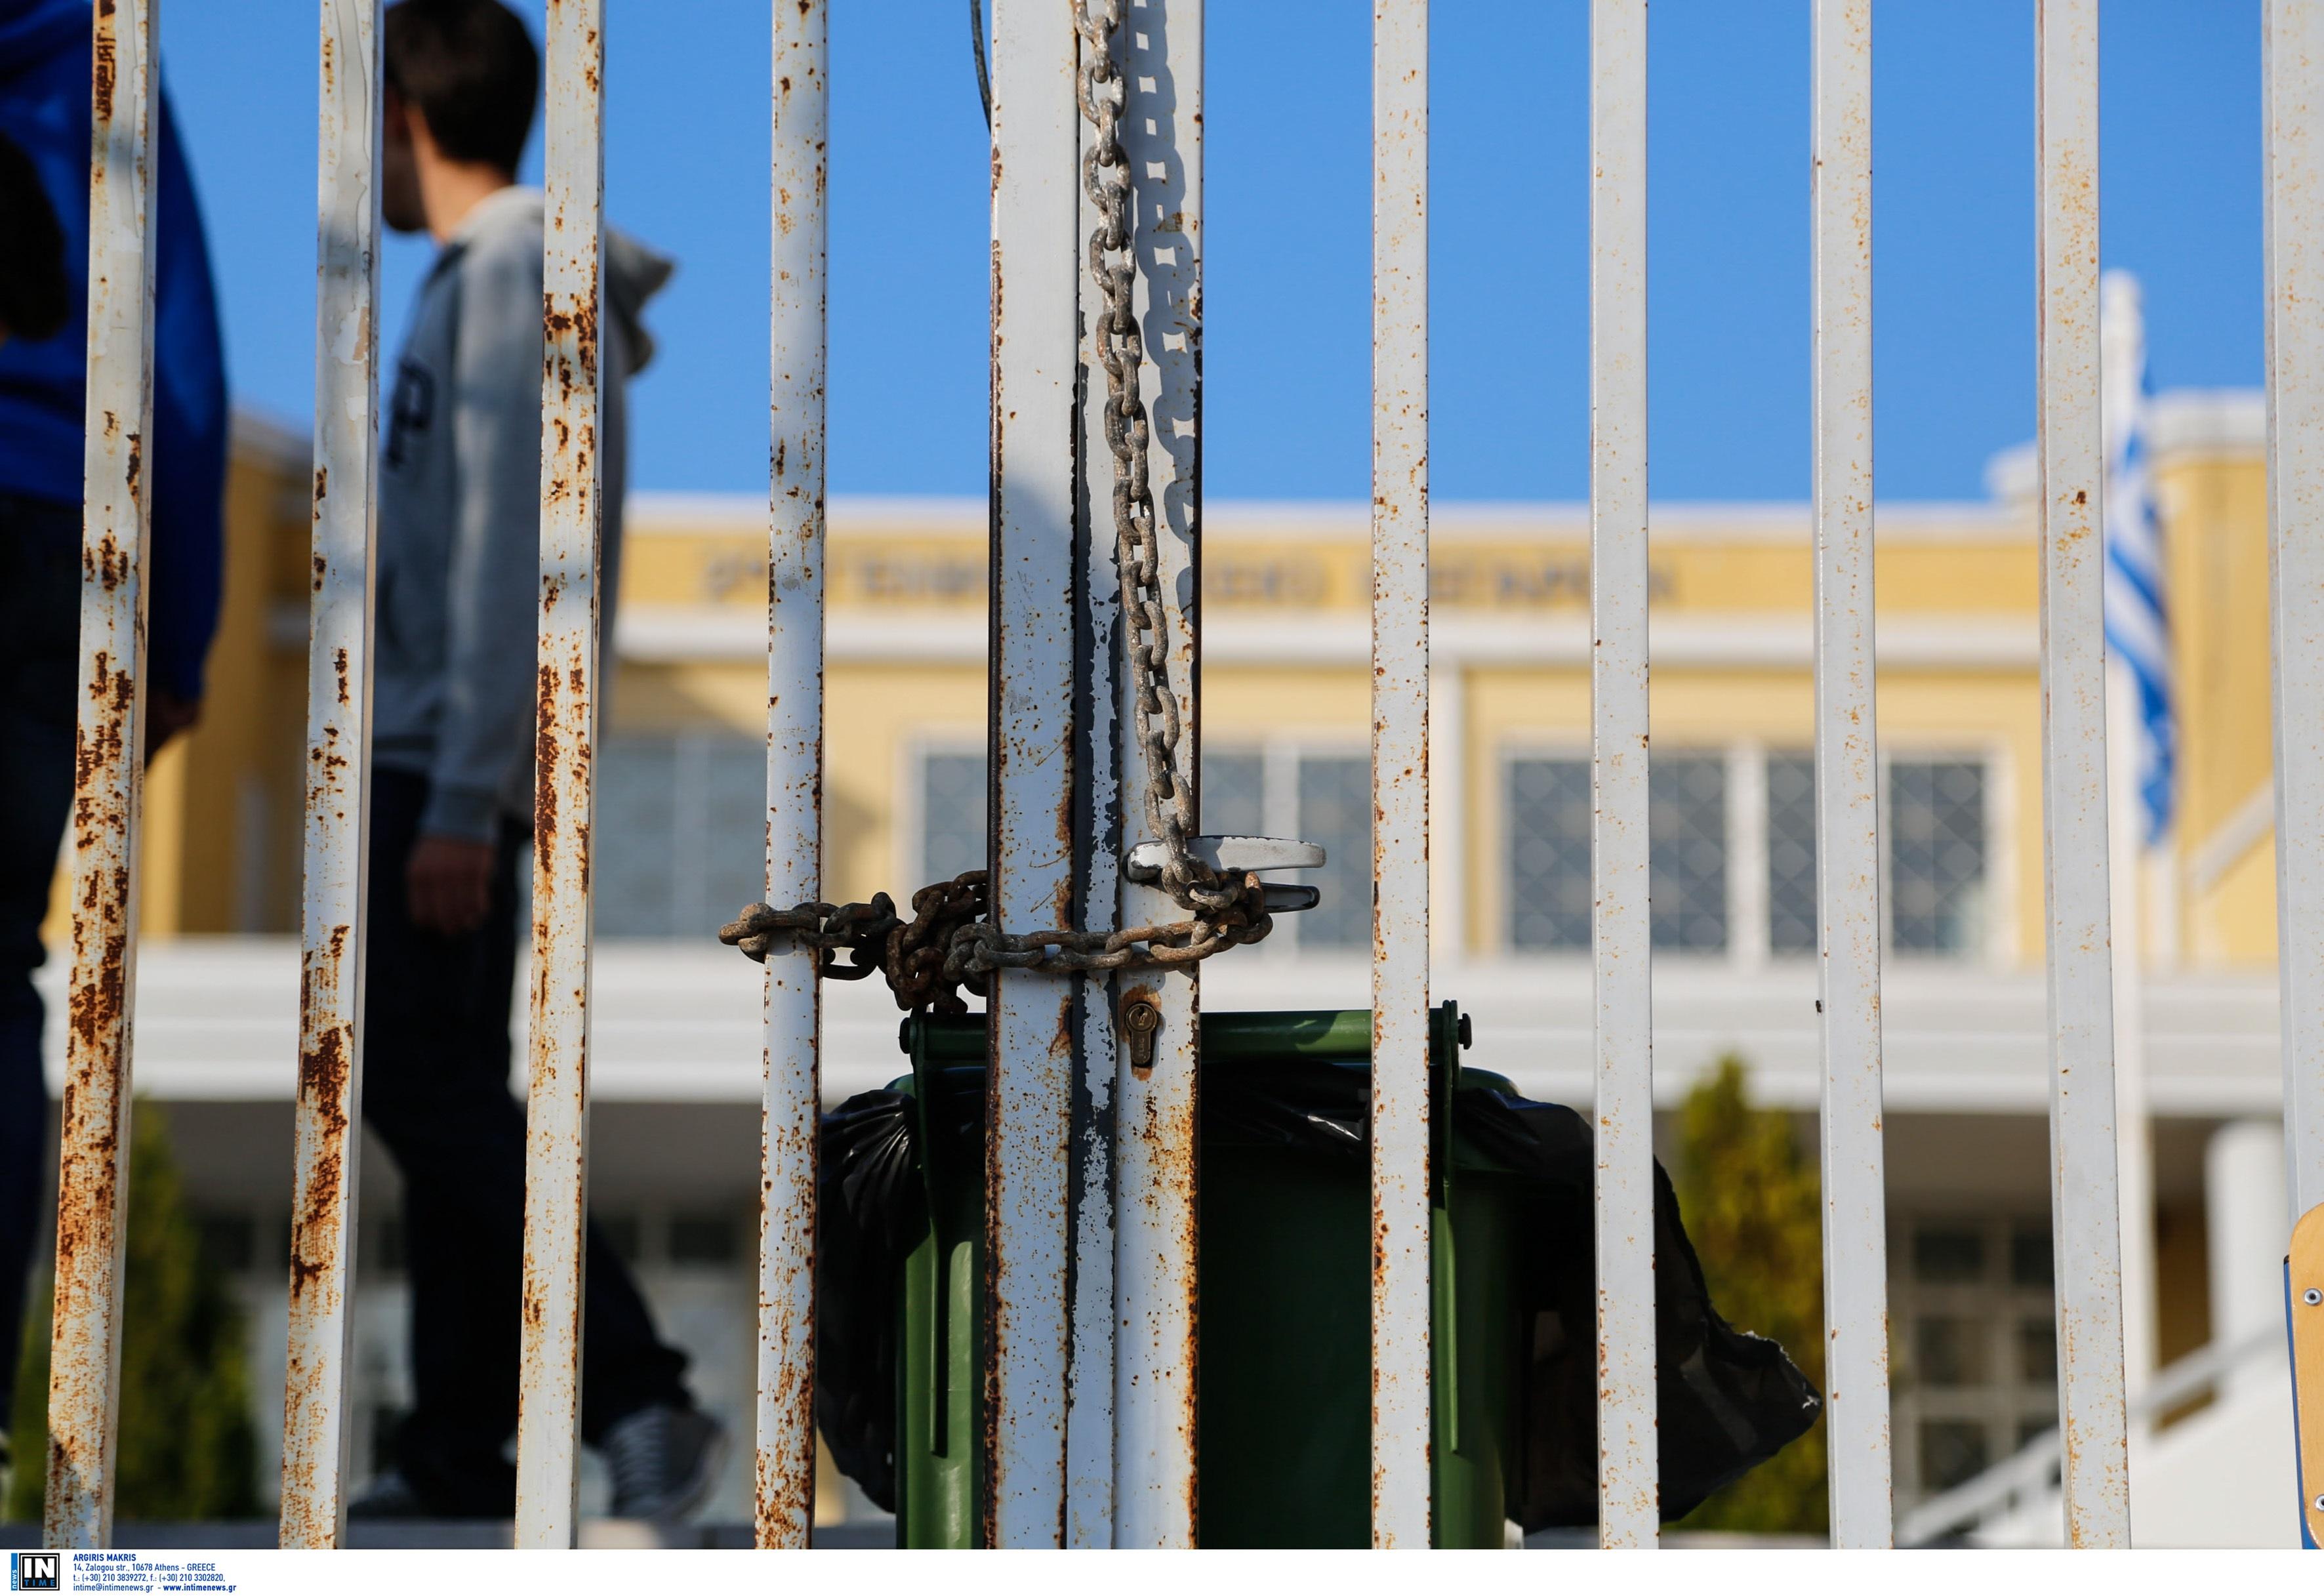 Σχολεία: «Λουκέτο» στο Λύκειο Ανωγείων λόγω κορωνοϊού – Αναλυτικά τα κλειστά τμήματα στην Κρήτη